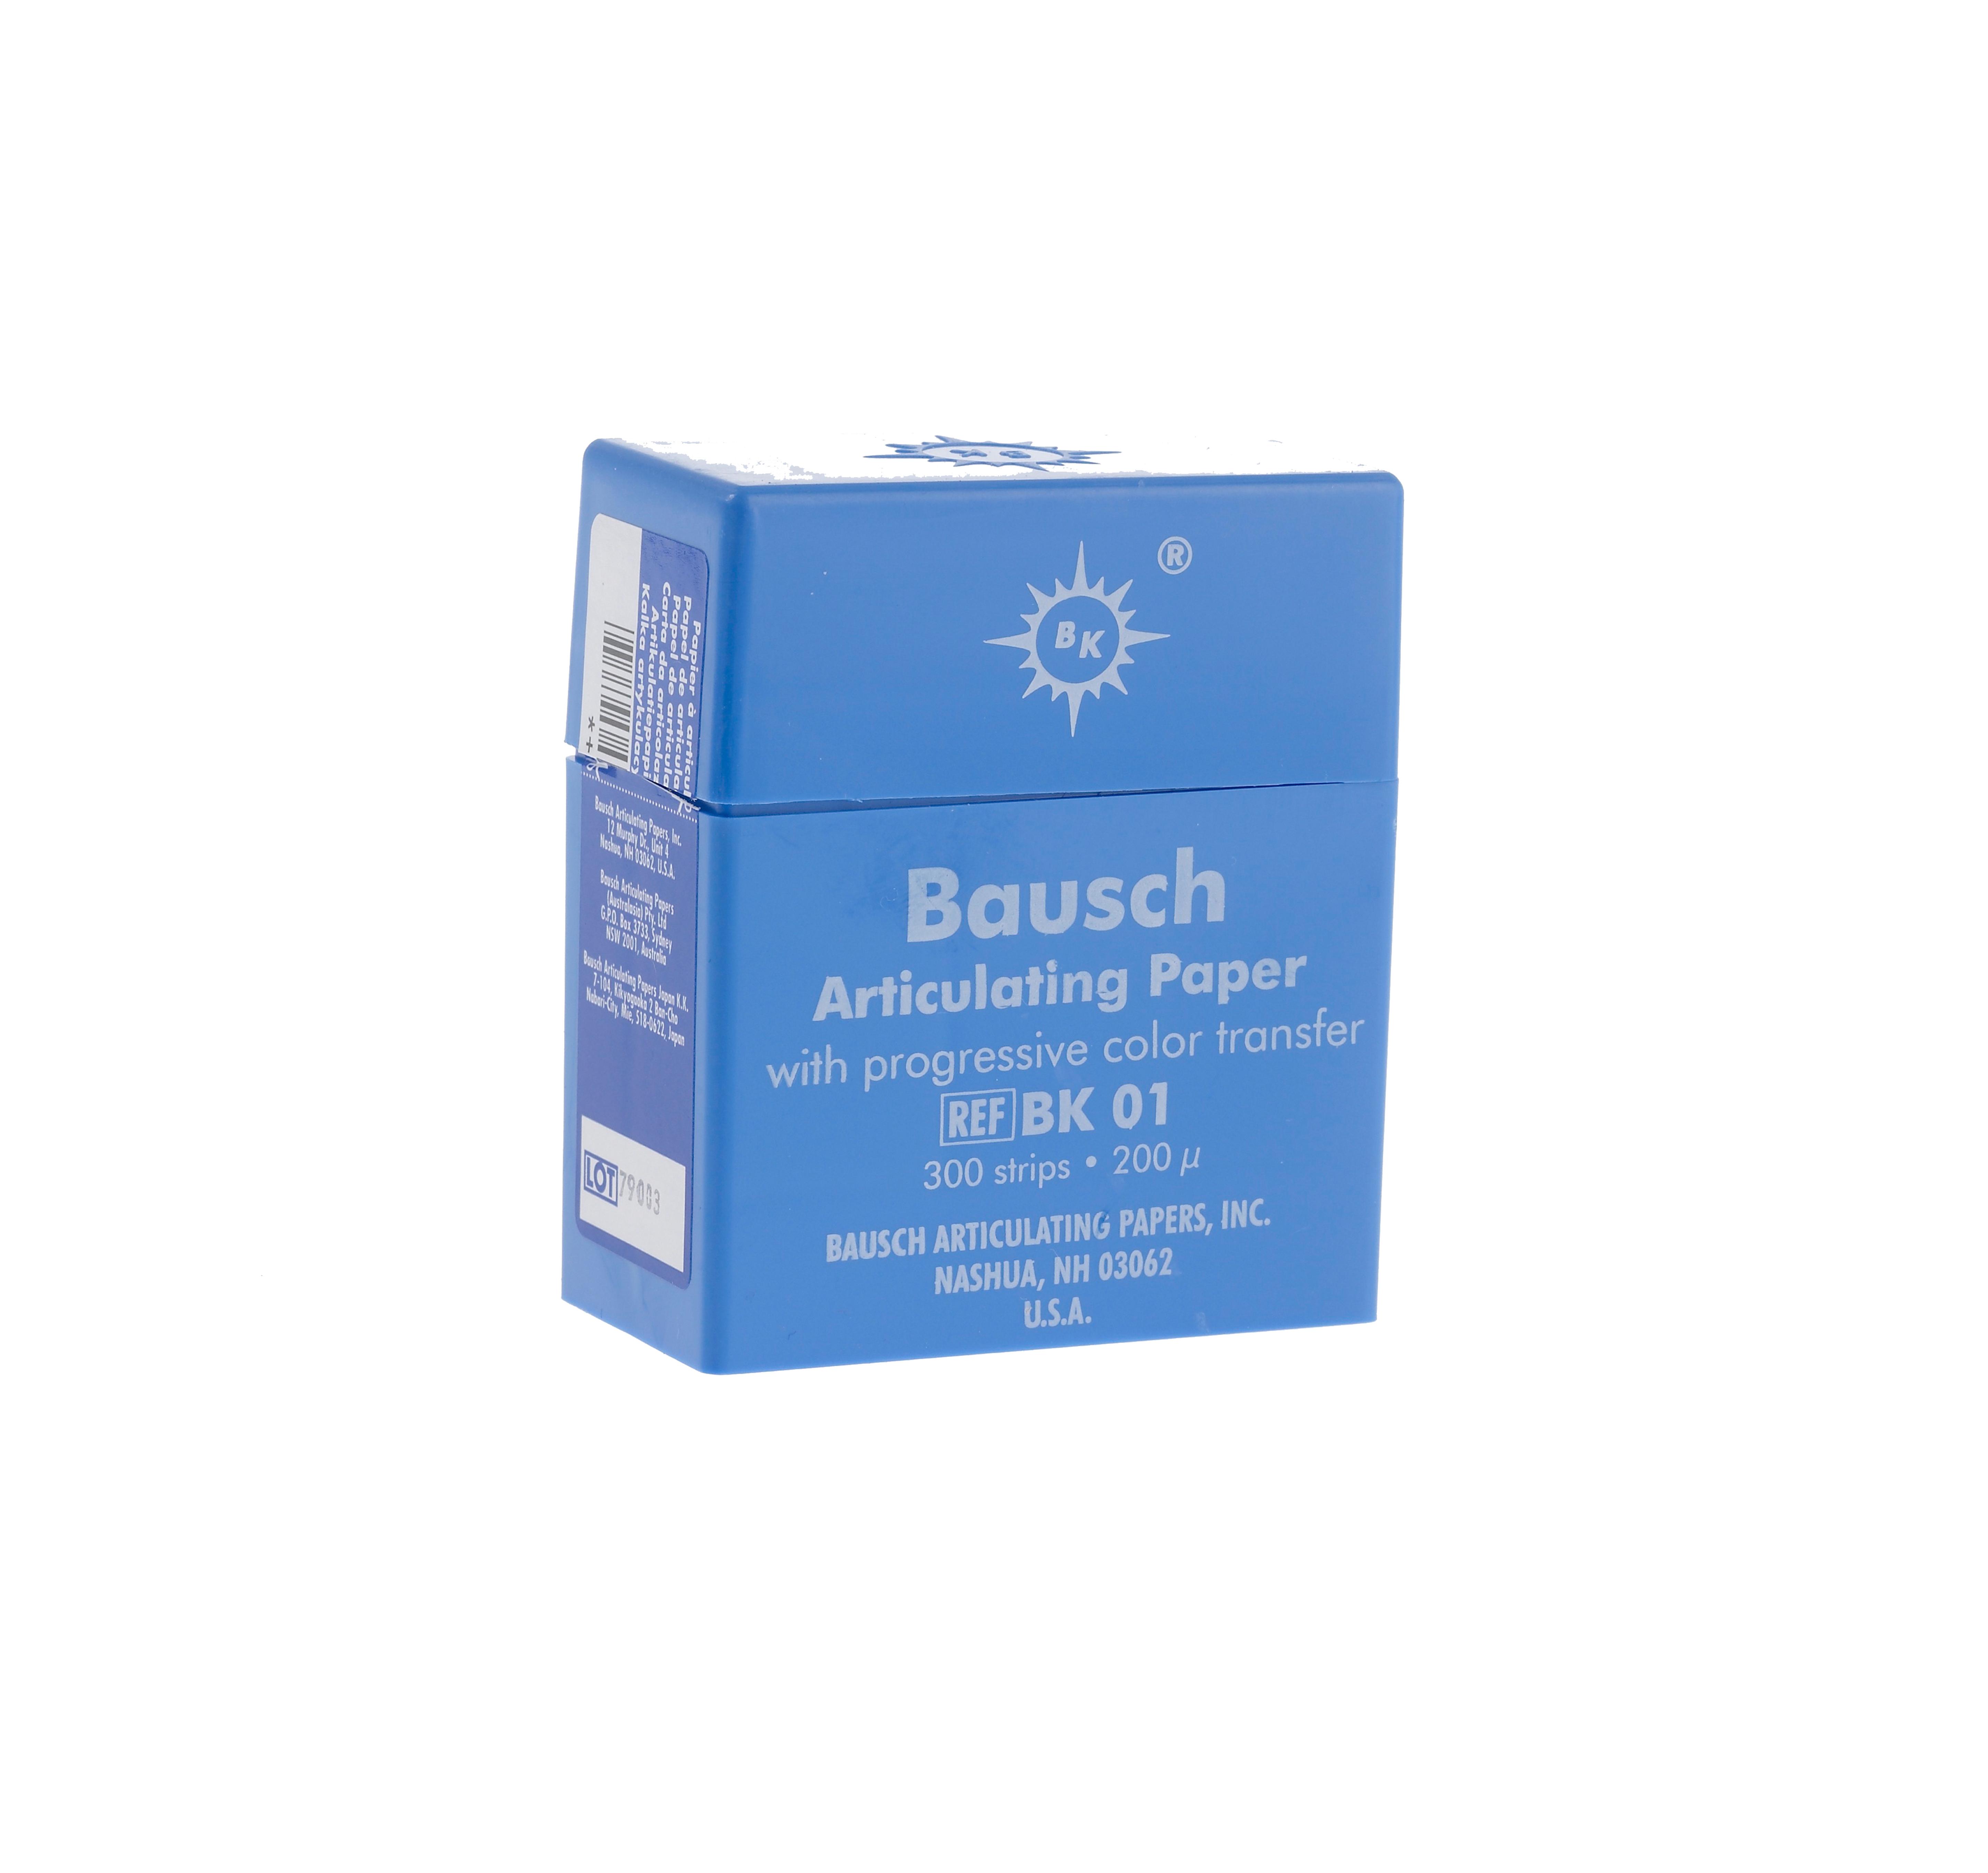 Bausch 200u Articulating Paper-0